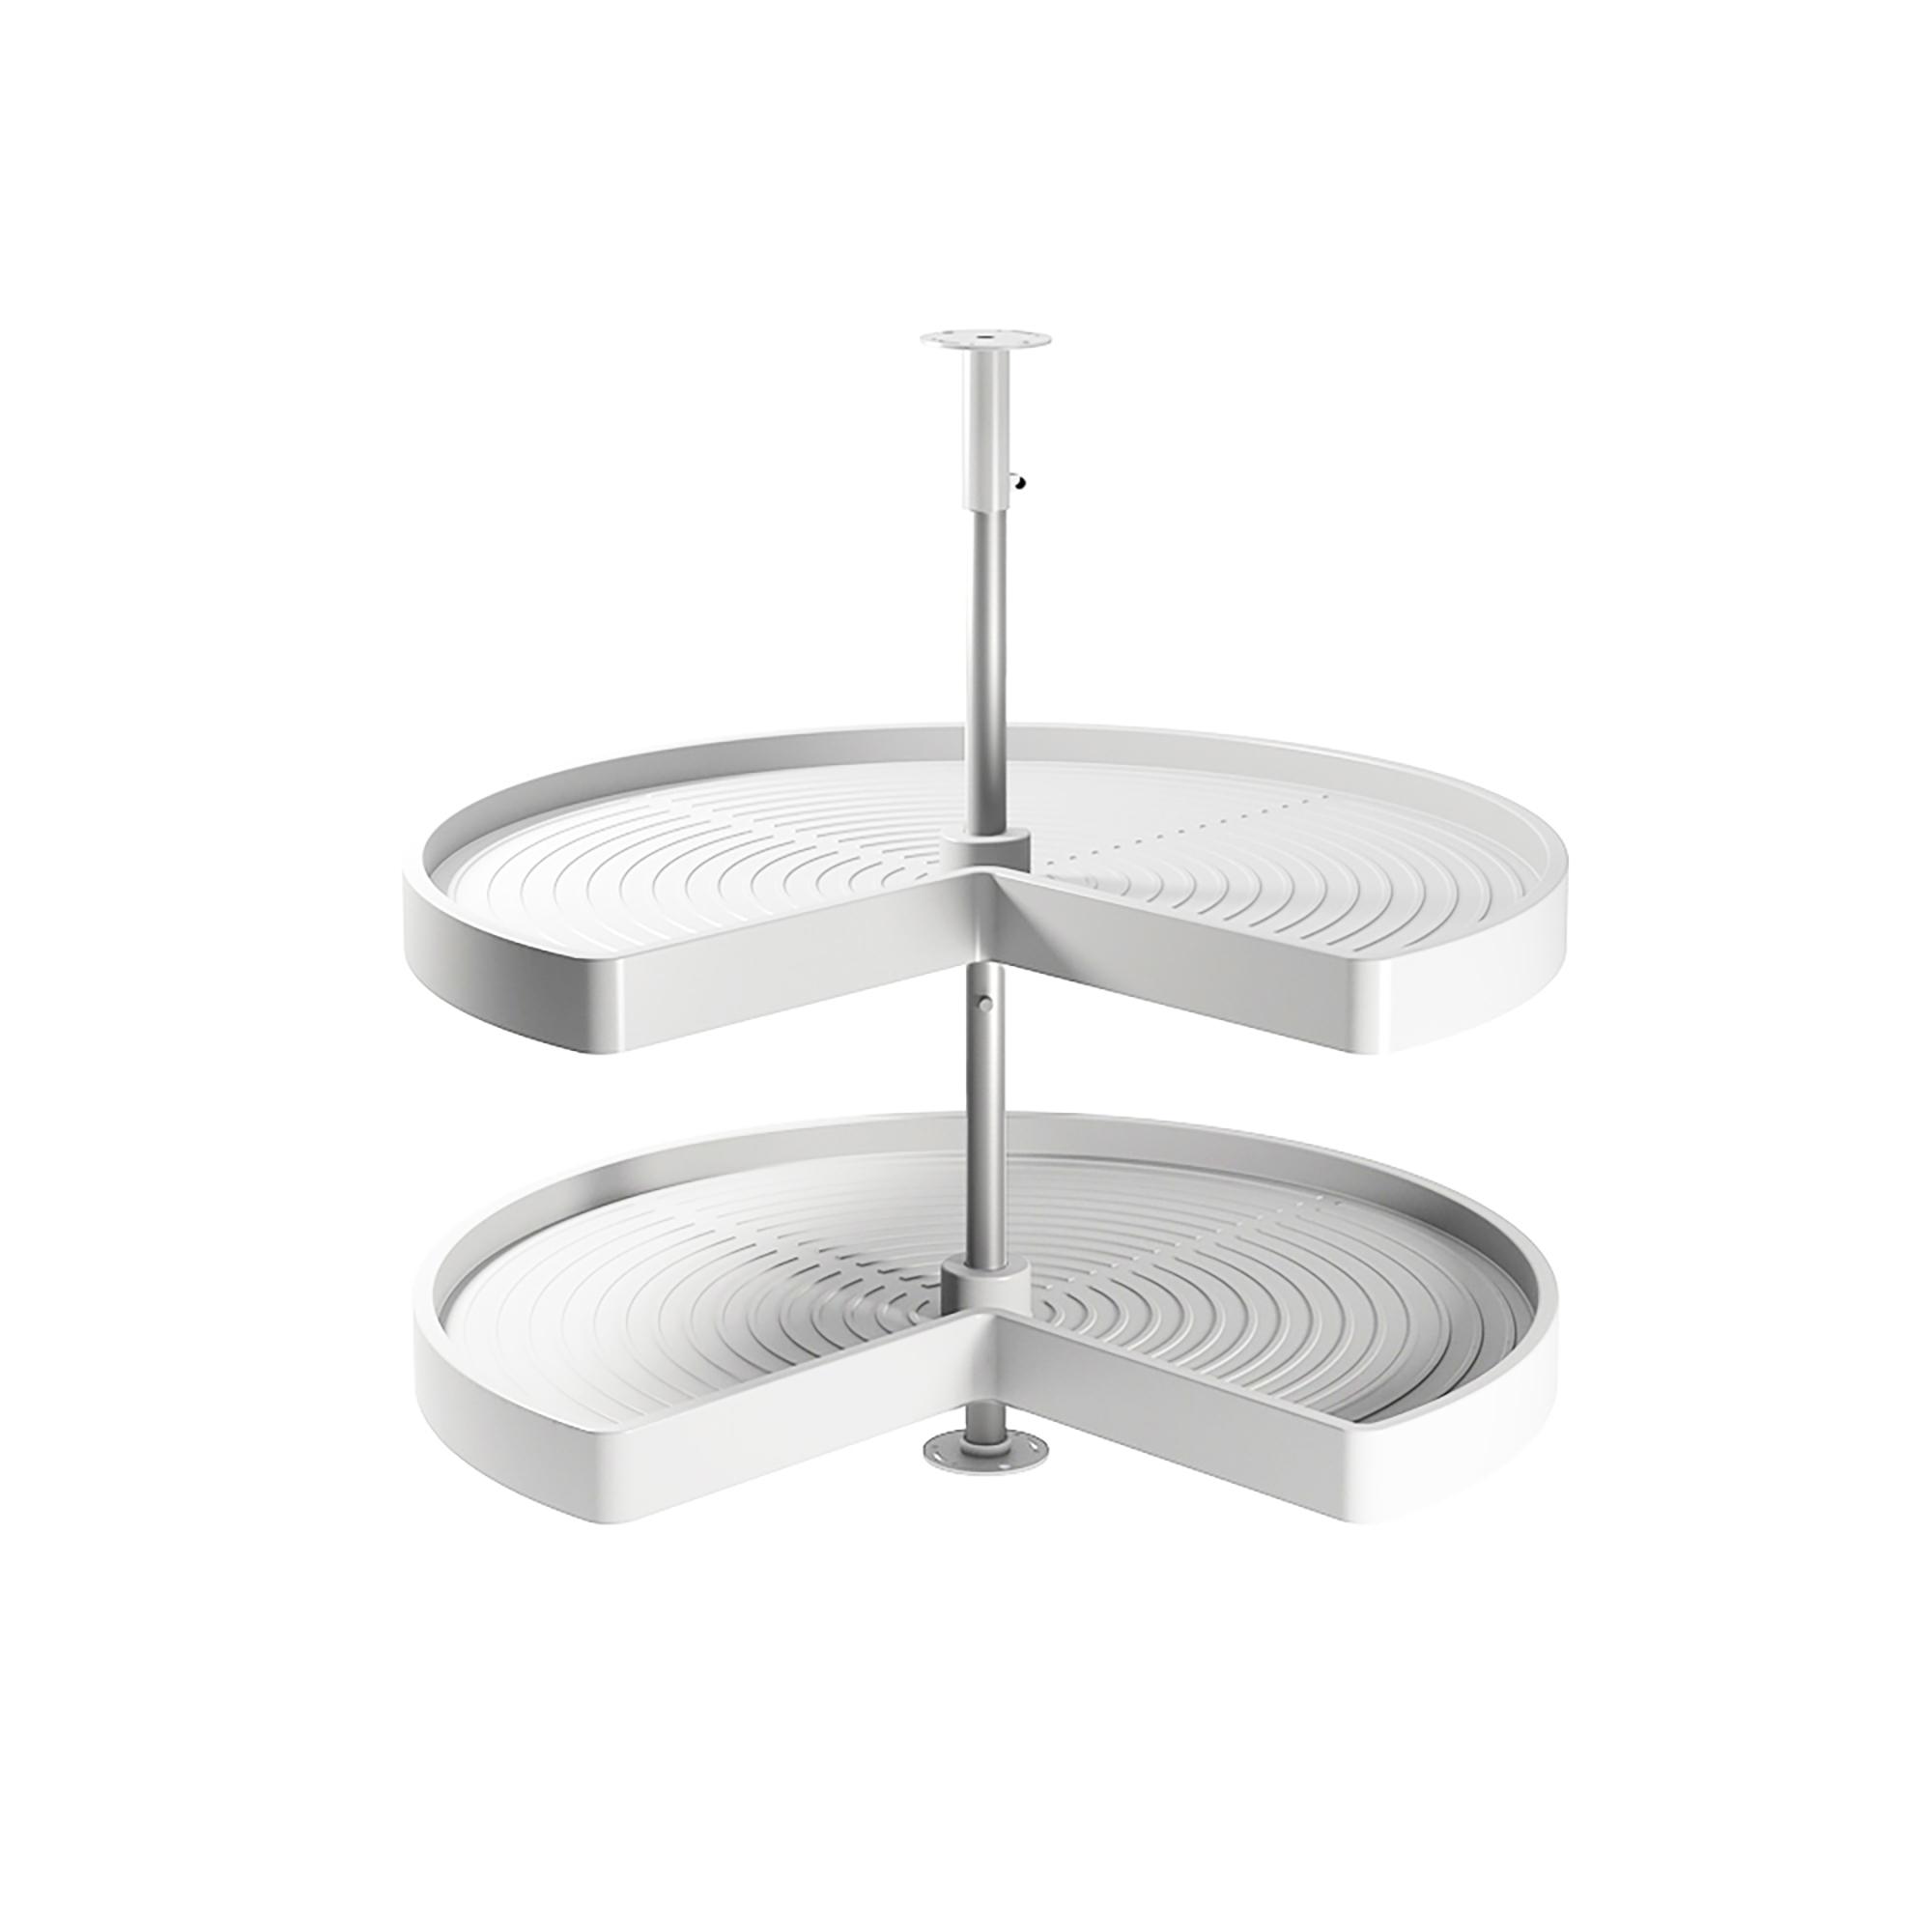 Emuca Cestello girevole per mobile da cucina, 270º, modulo 900 mm, Plastica e alluminio, Bianco